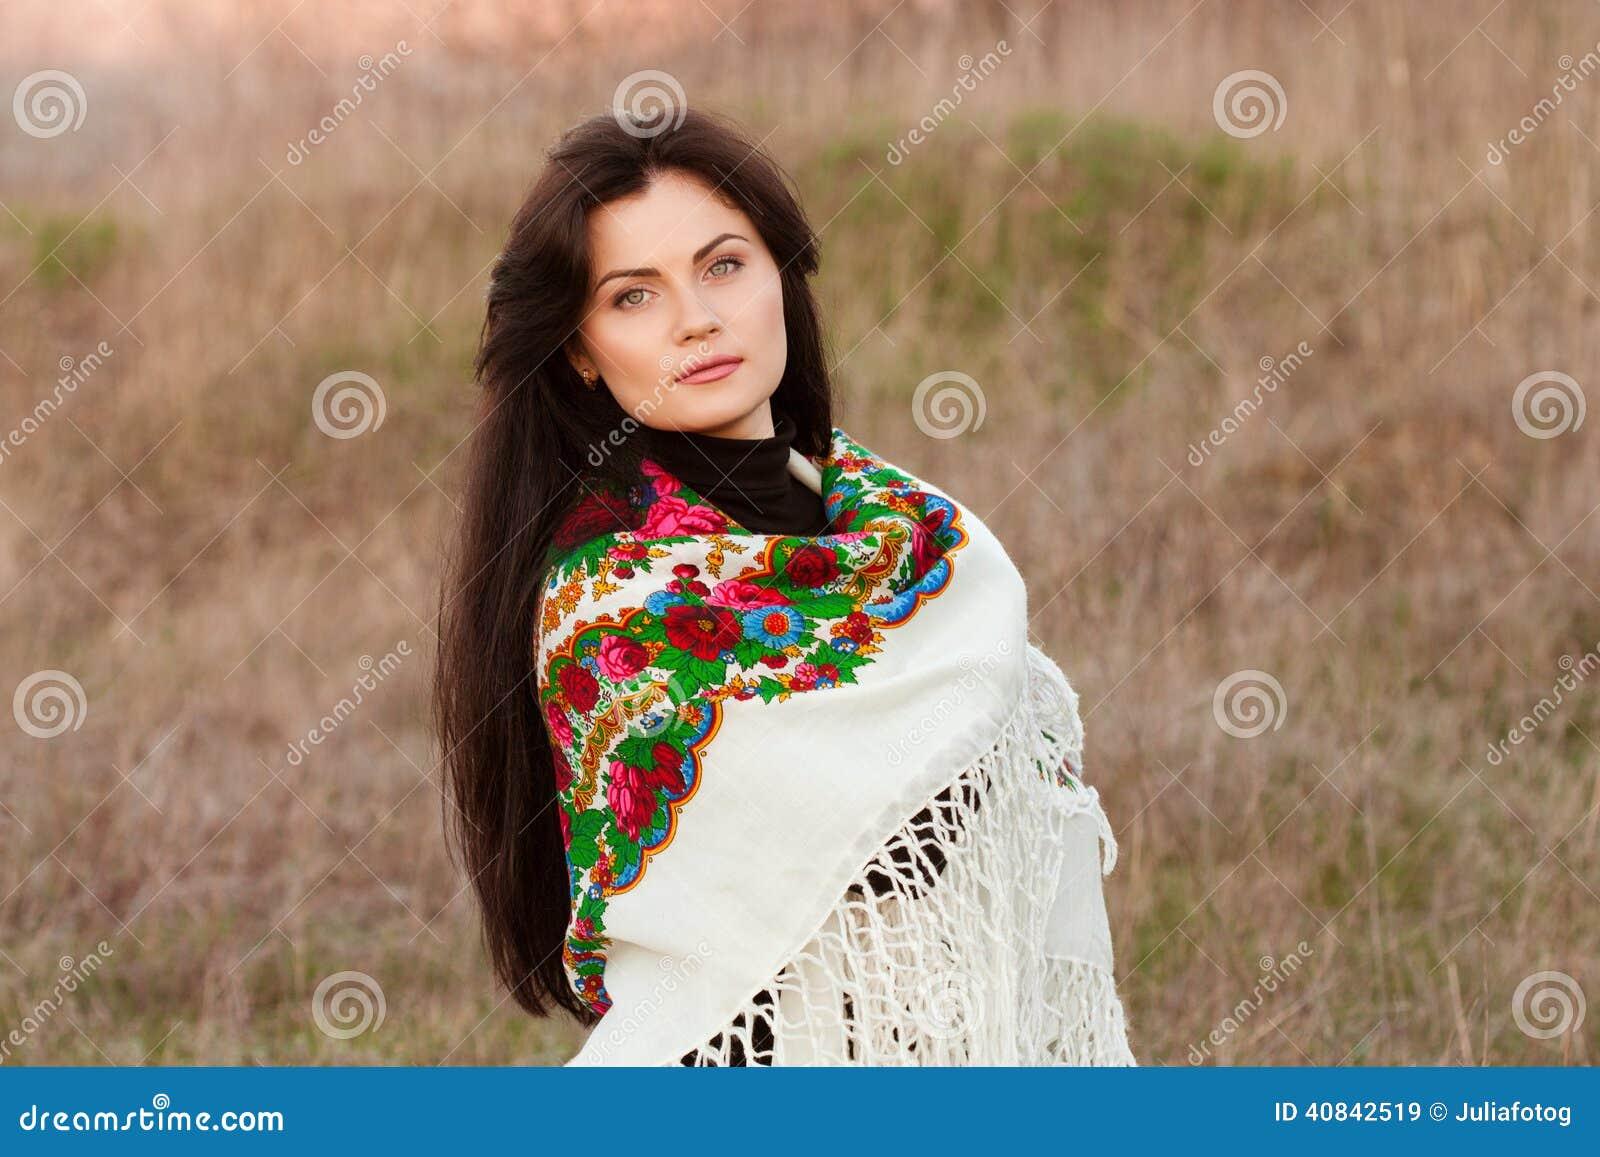 Русская тётка дома фото 3 фотография